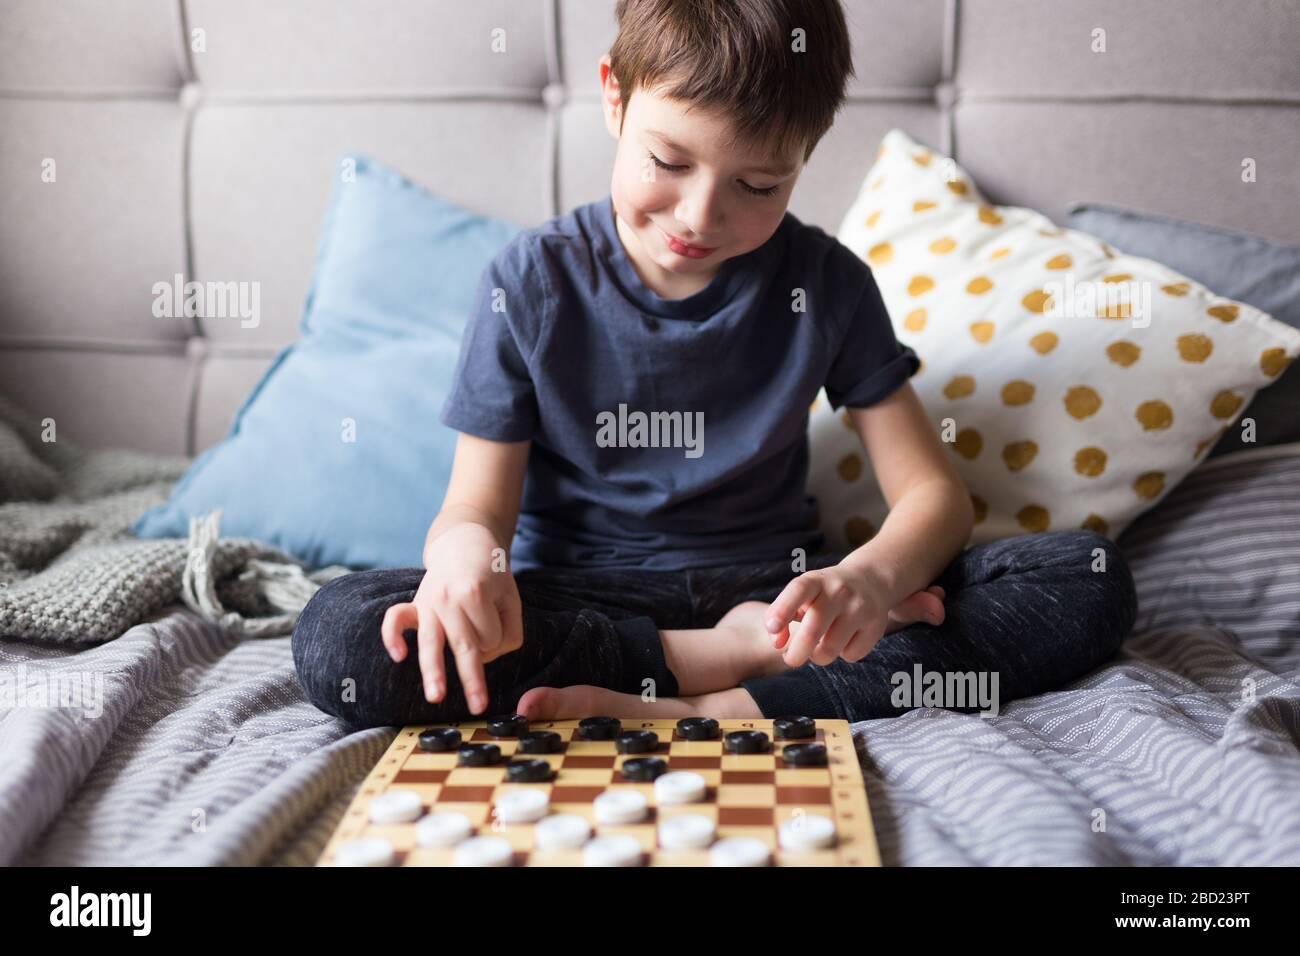 Junge Kinder spielen mit den Schachspielen ein Tischspiel im Bett. Bleiben Sie zu Hause Quarantänekonzept. Freizeitkonzept für Brettspiele und Kinder. Familienzeit. Stockfoto